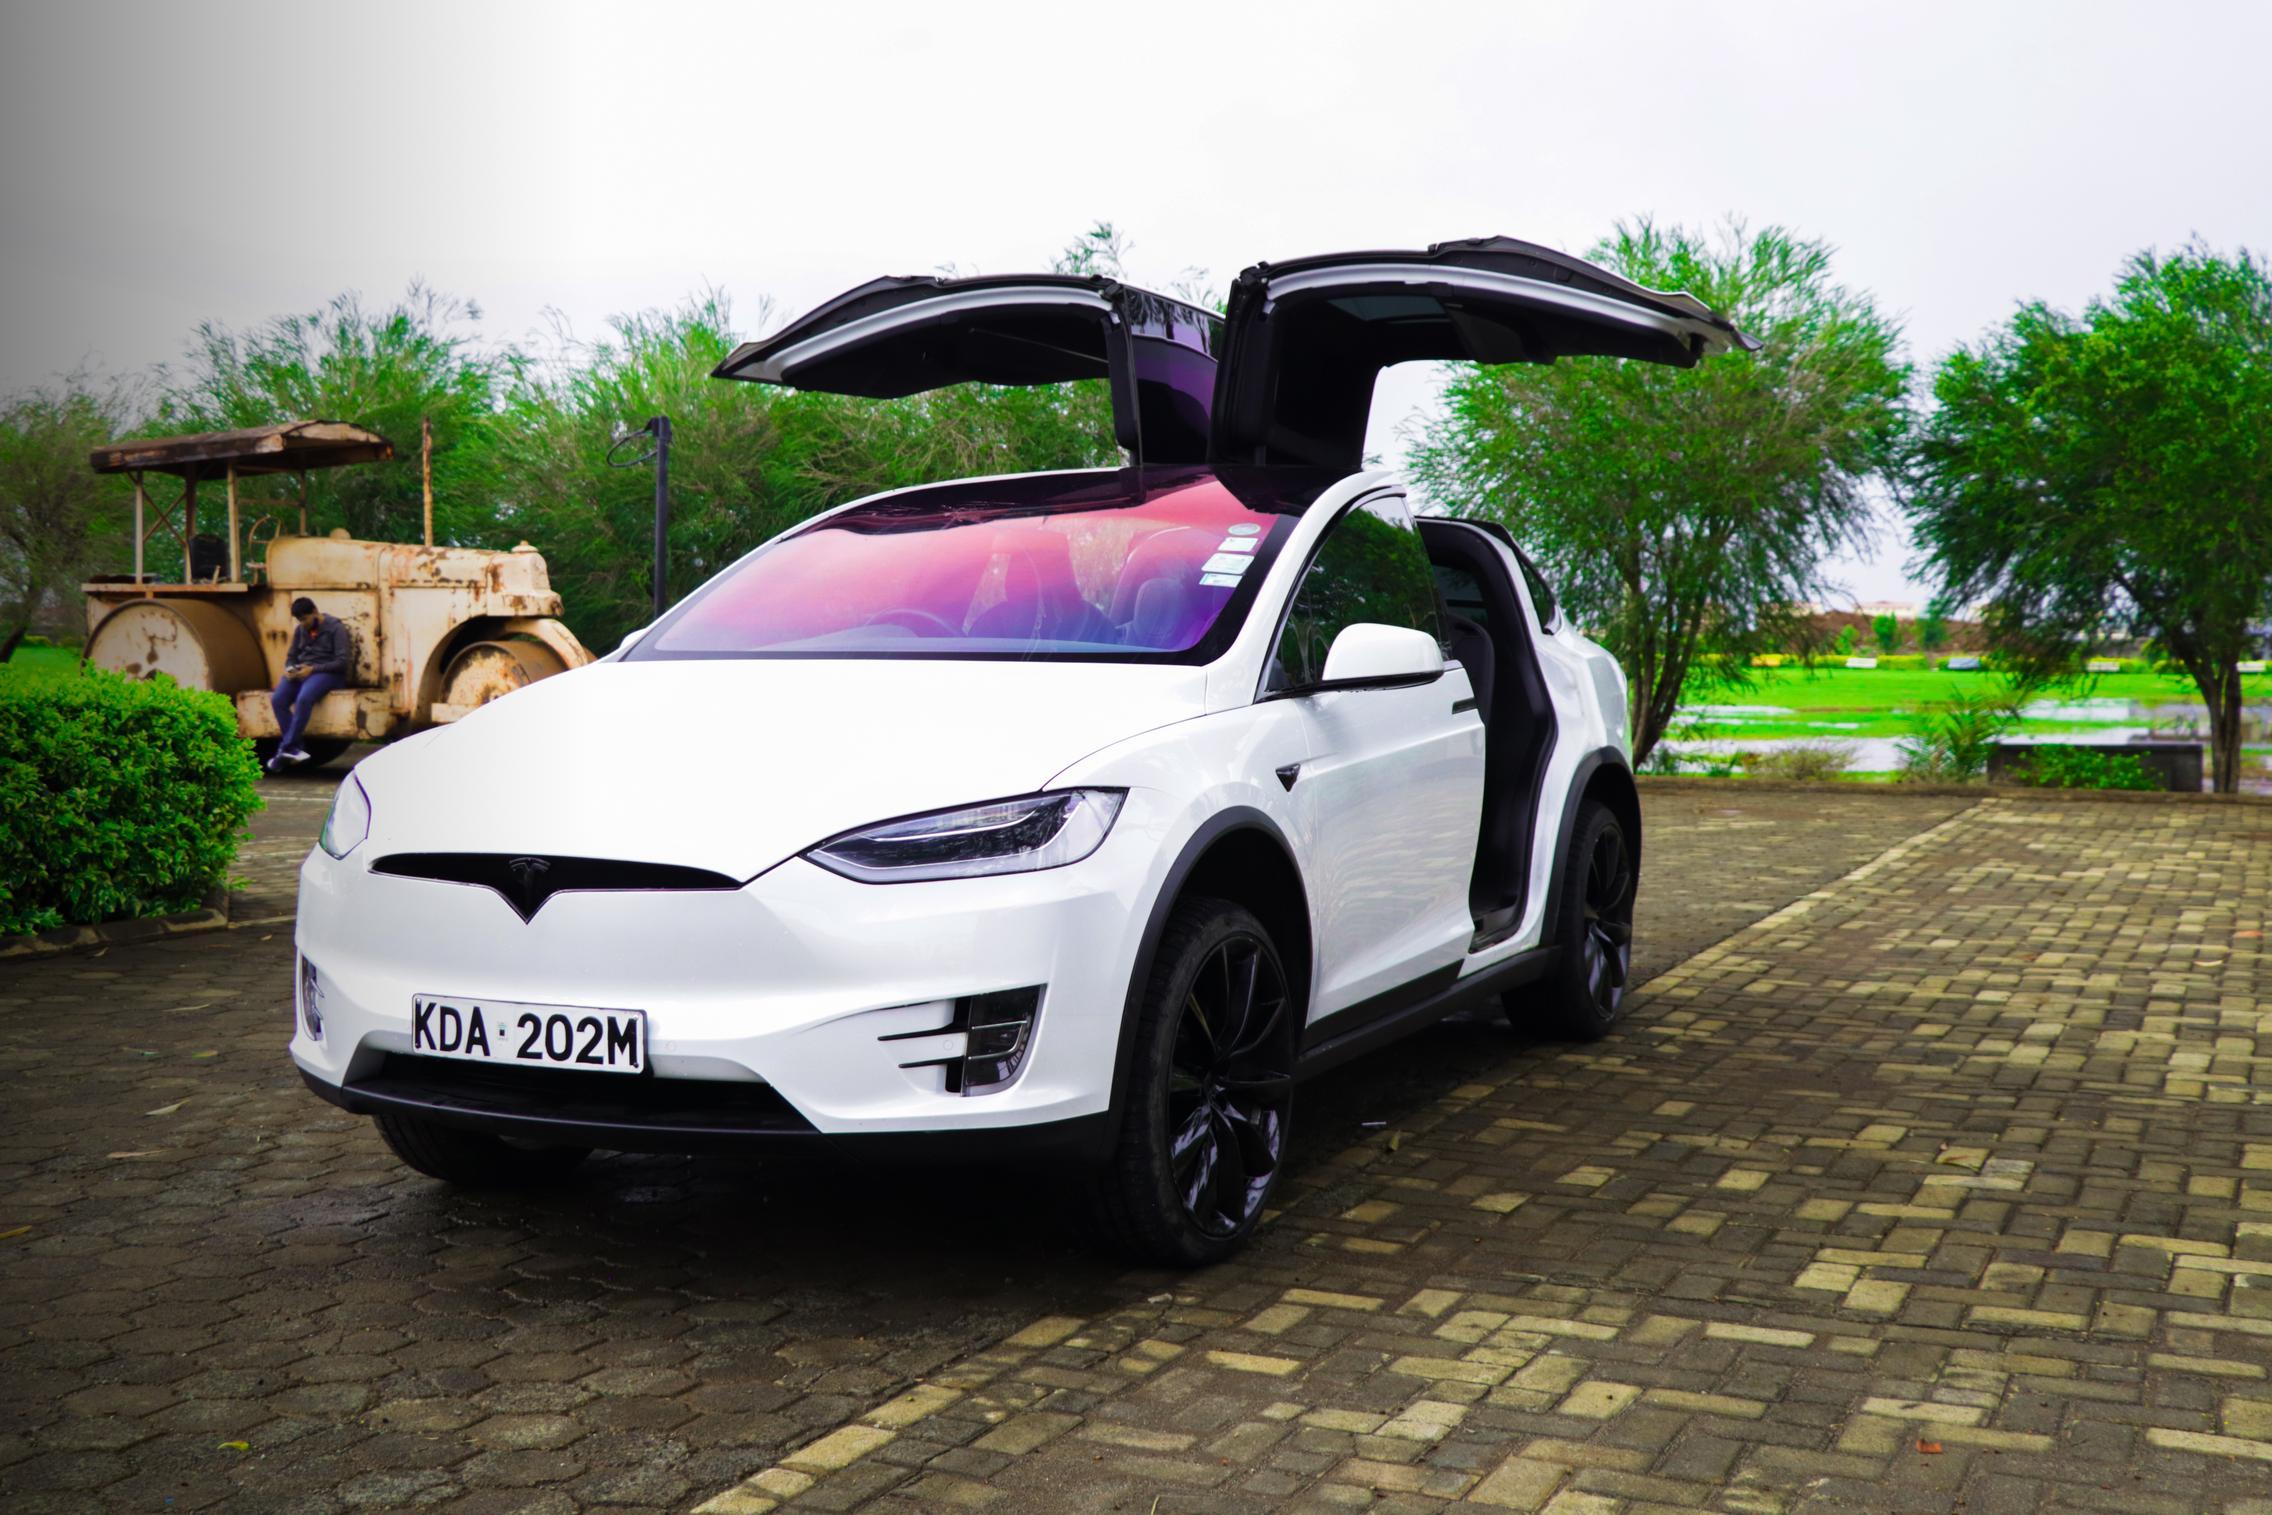 Telsa Model X Price in Kenya